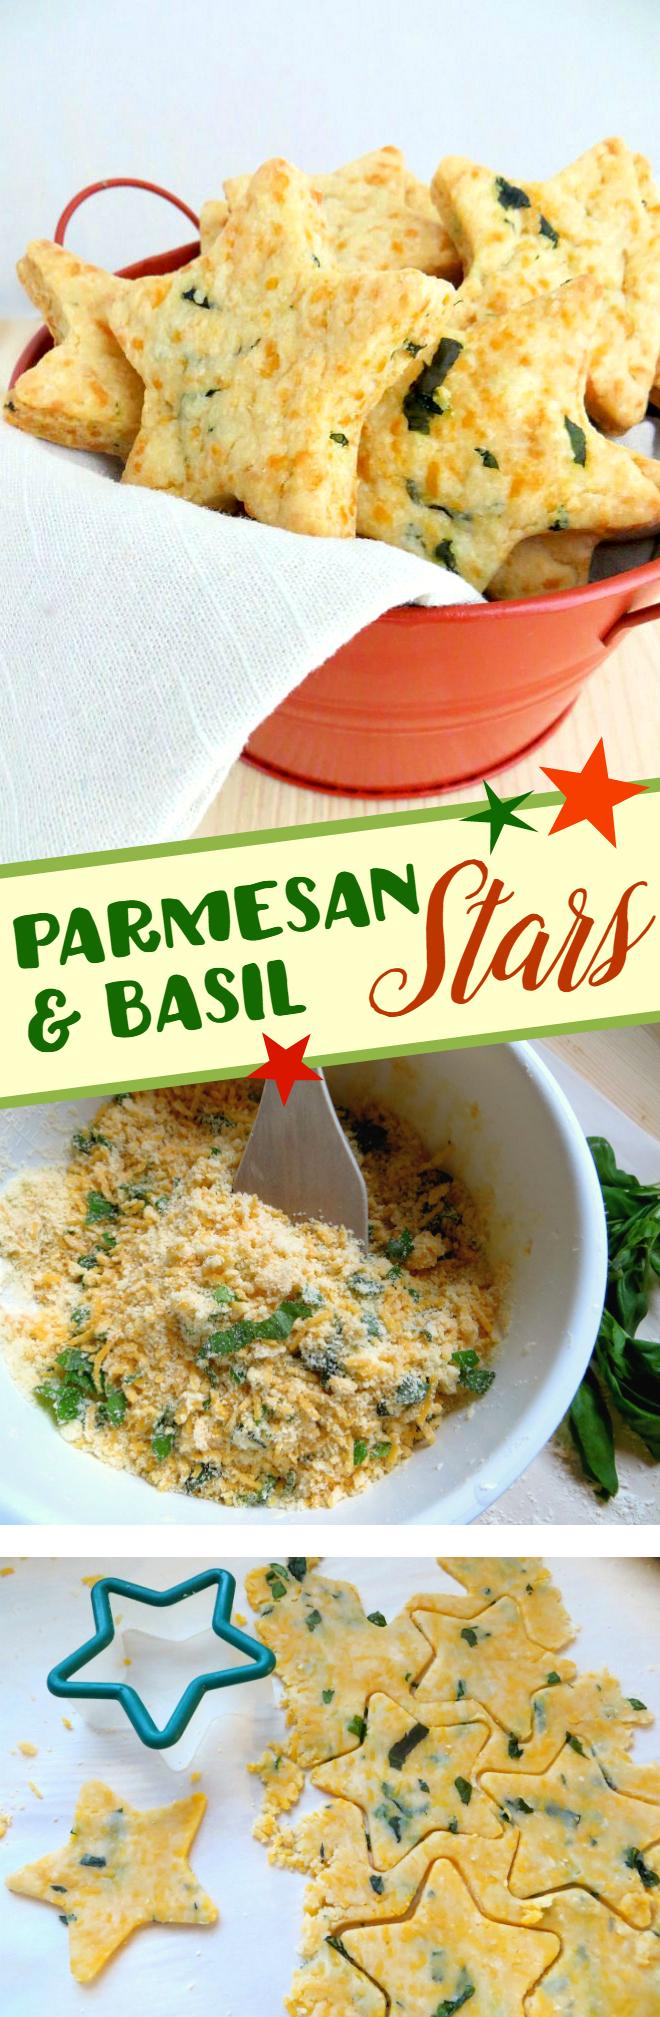 Parmesan & Basil Stars